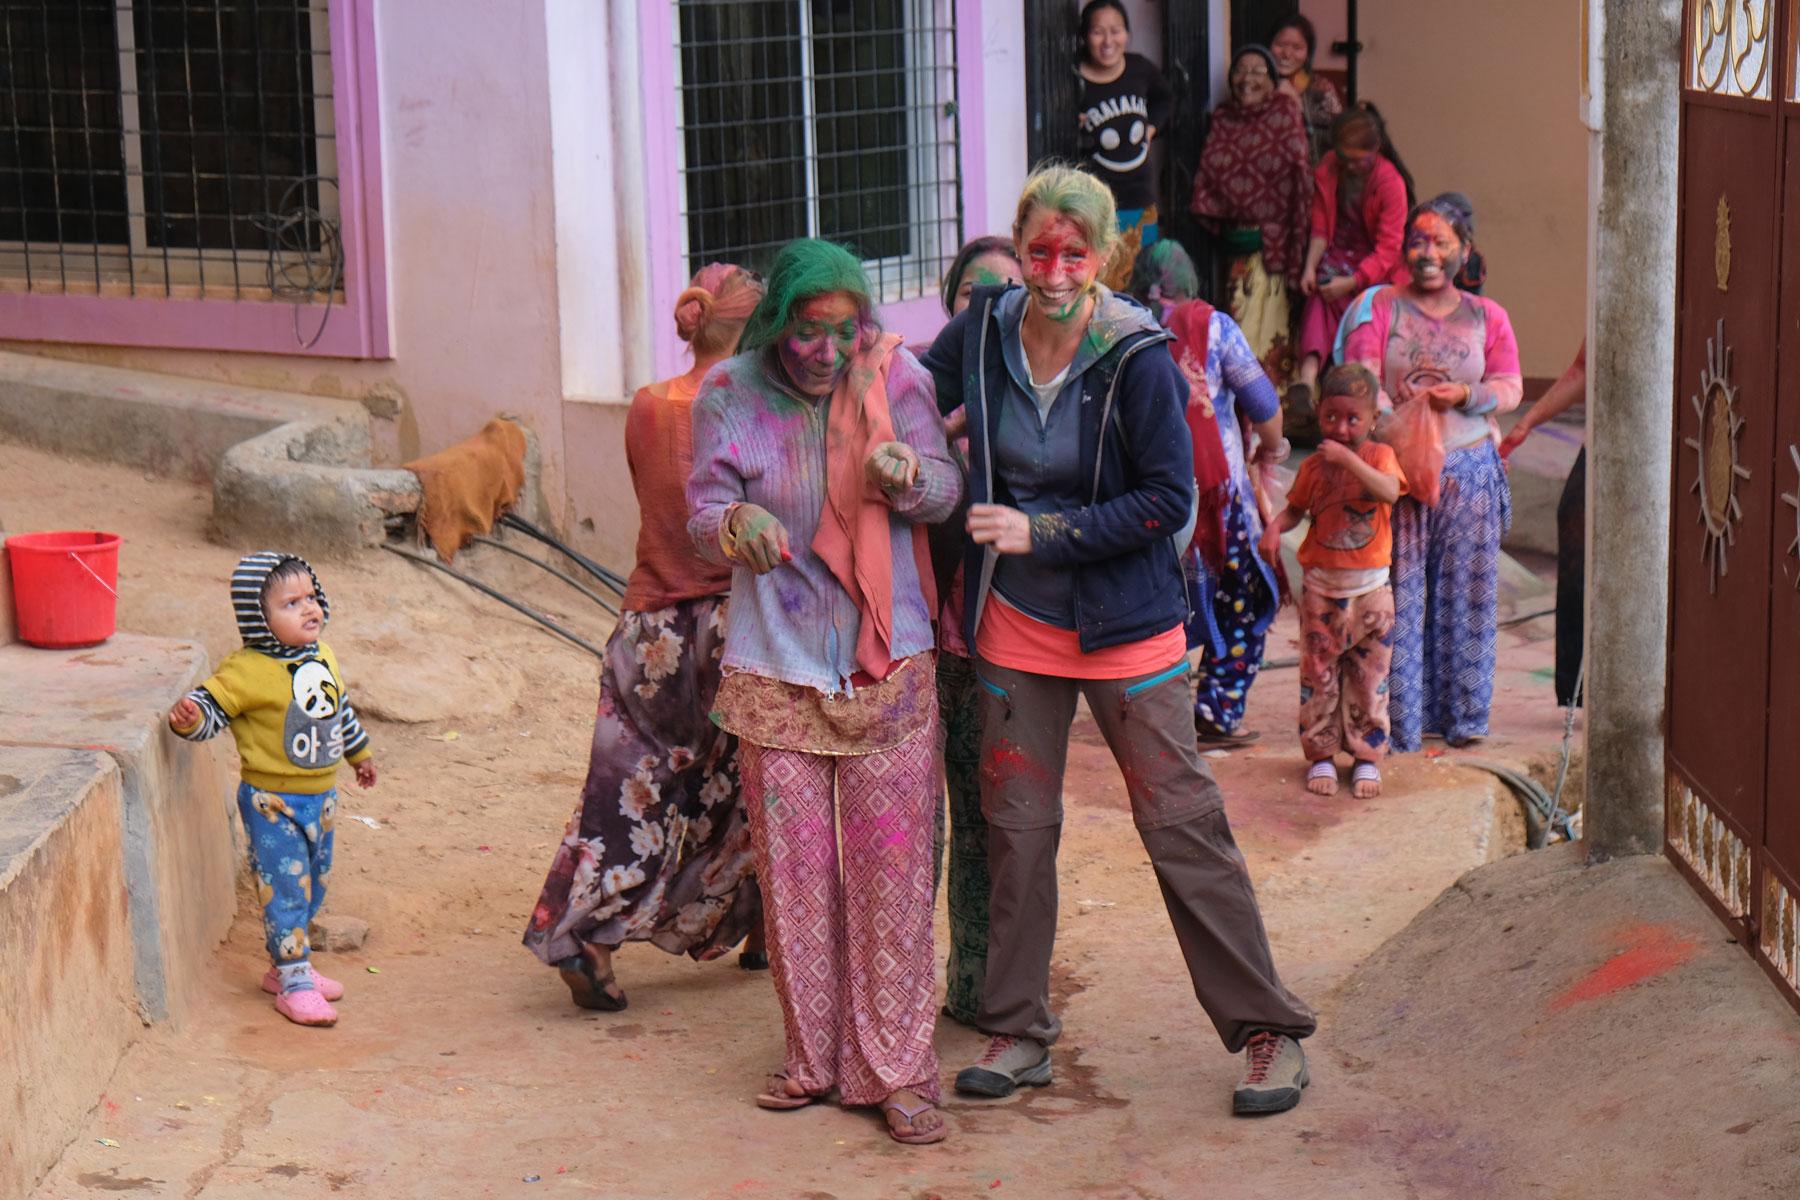 Leo und eine nepalesische Frau mit bunt angemalten Gesichtern beim Holi-Fest in Tansen.